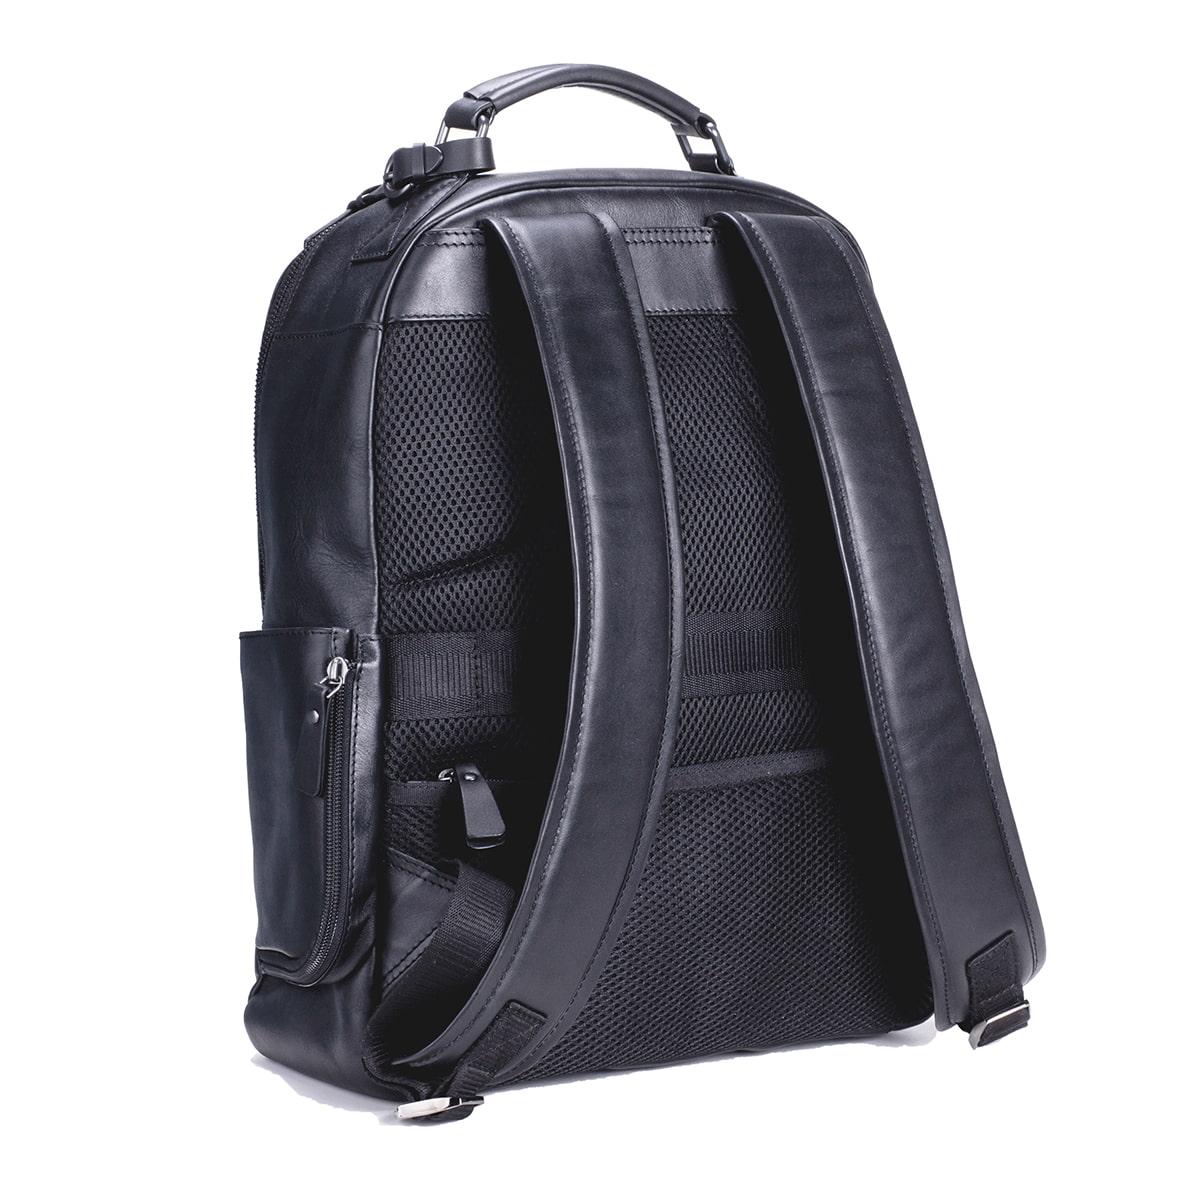 ビジネス レザーリュックサック メンズ DESMOND-II  デスモンド2 ブラック 黒